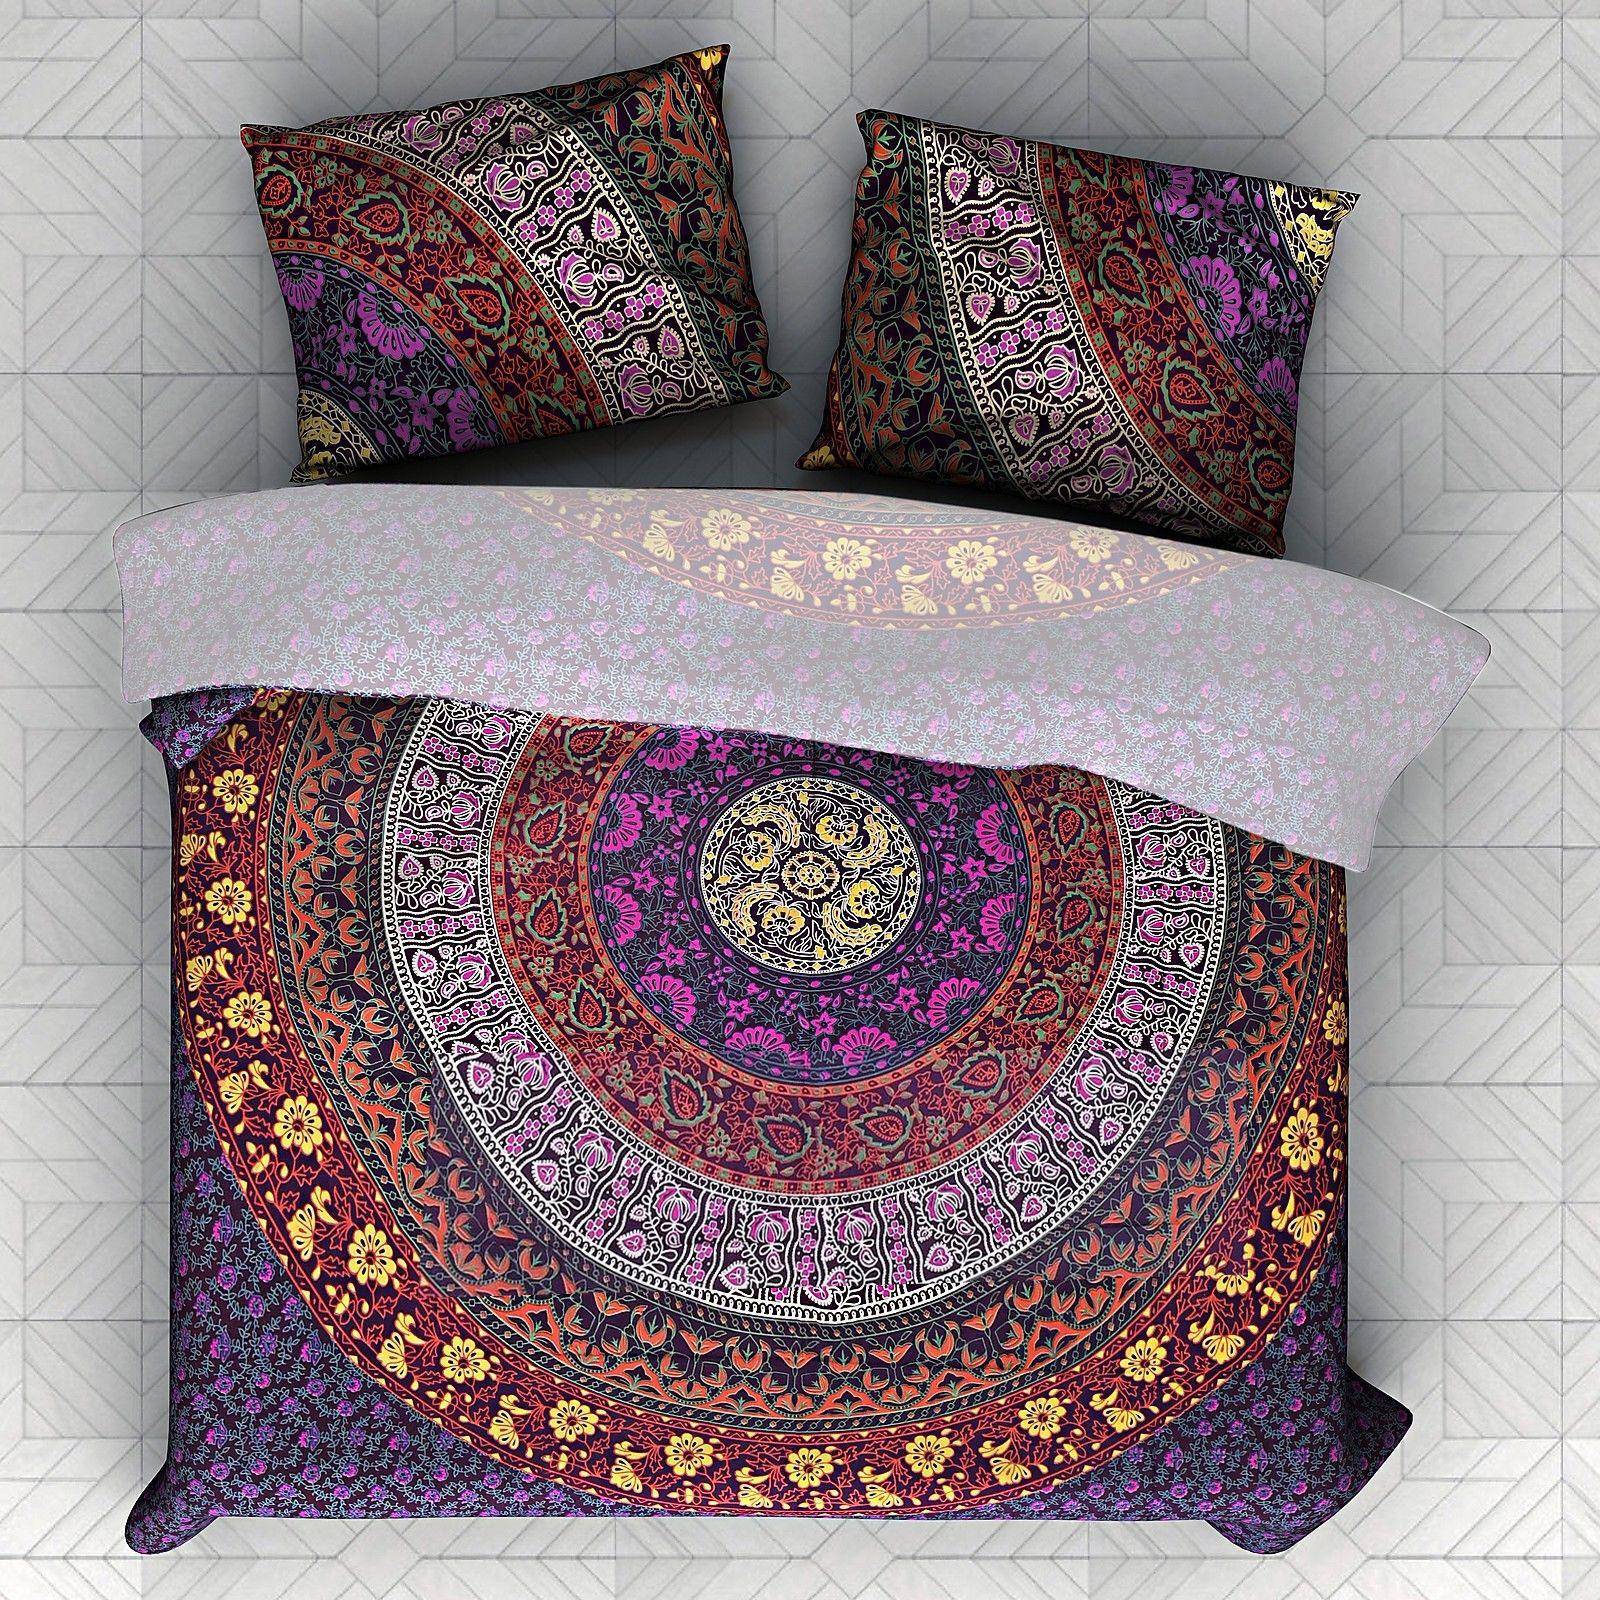 Indian Handmade Mandala Duvet Doona Quilt Cover Queen Size Bedding Set Comforter